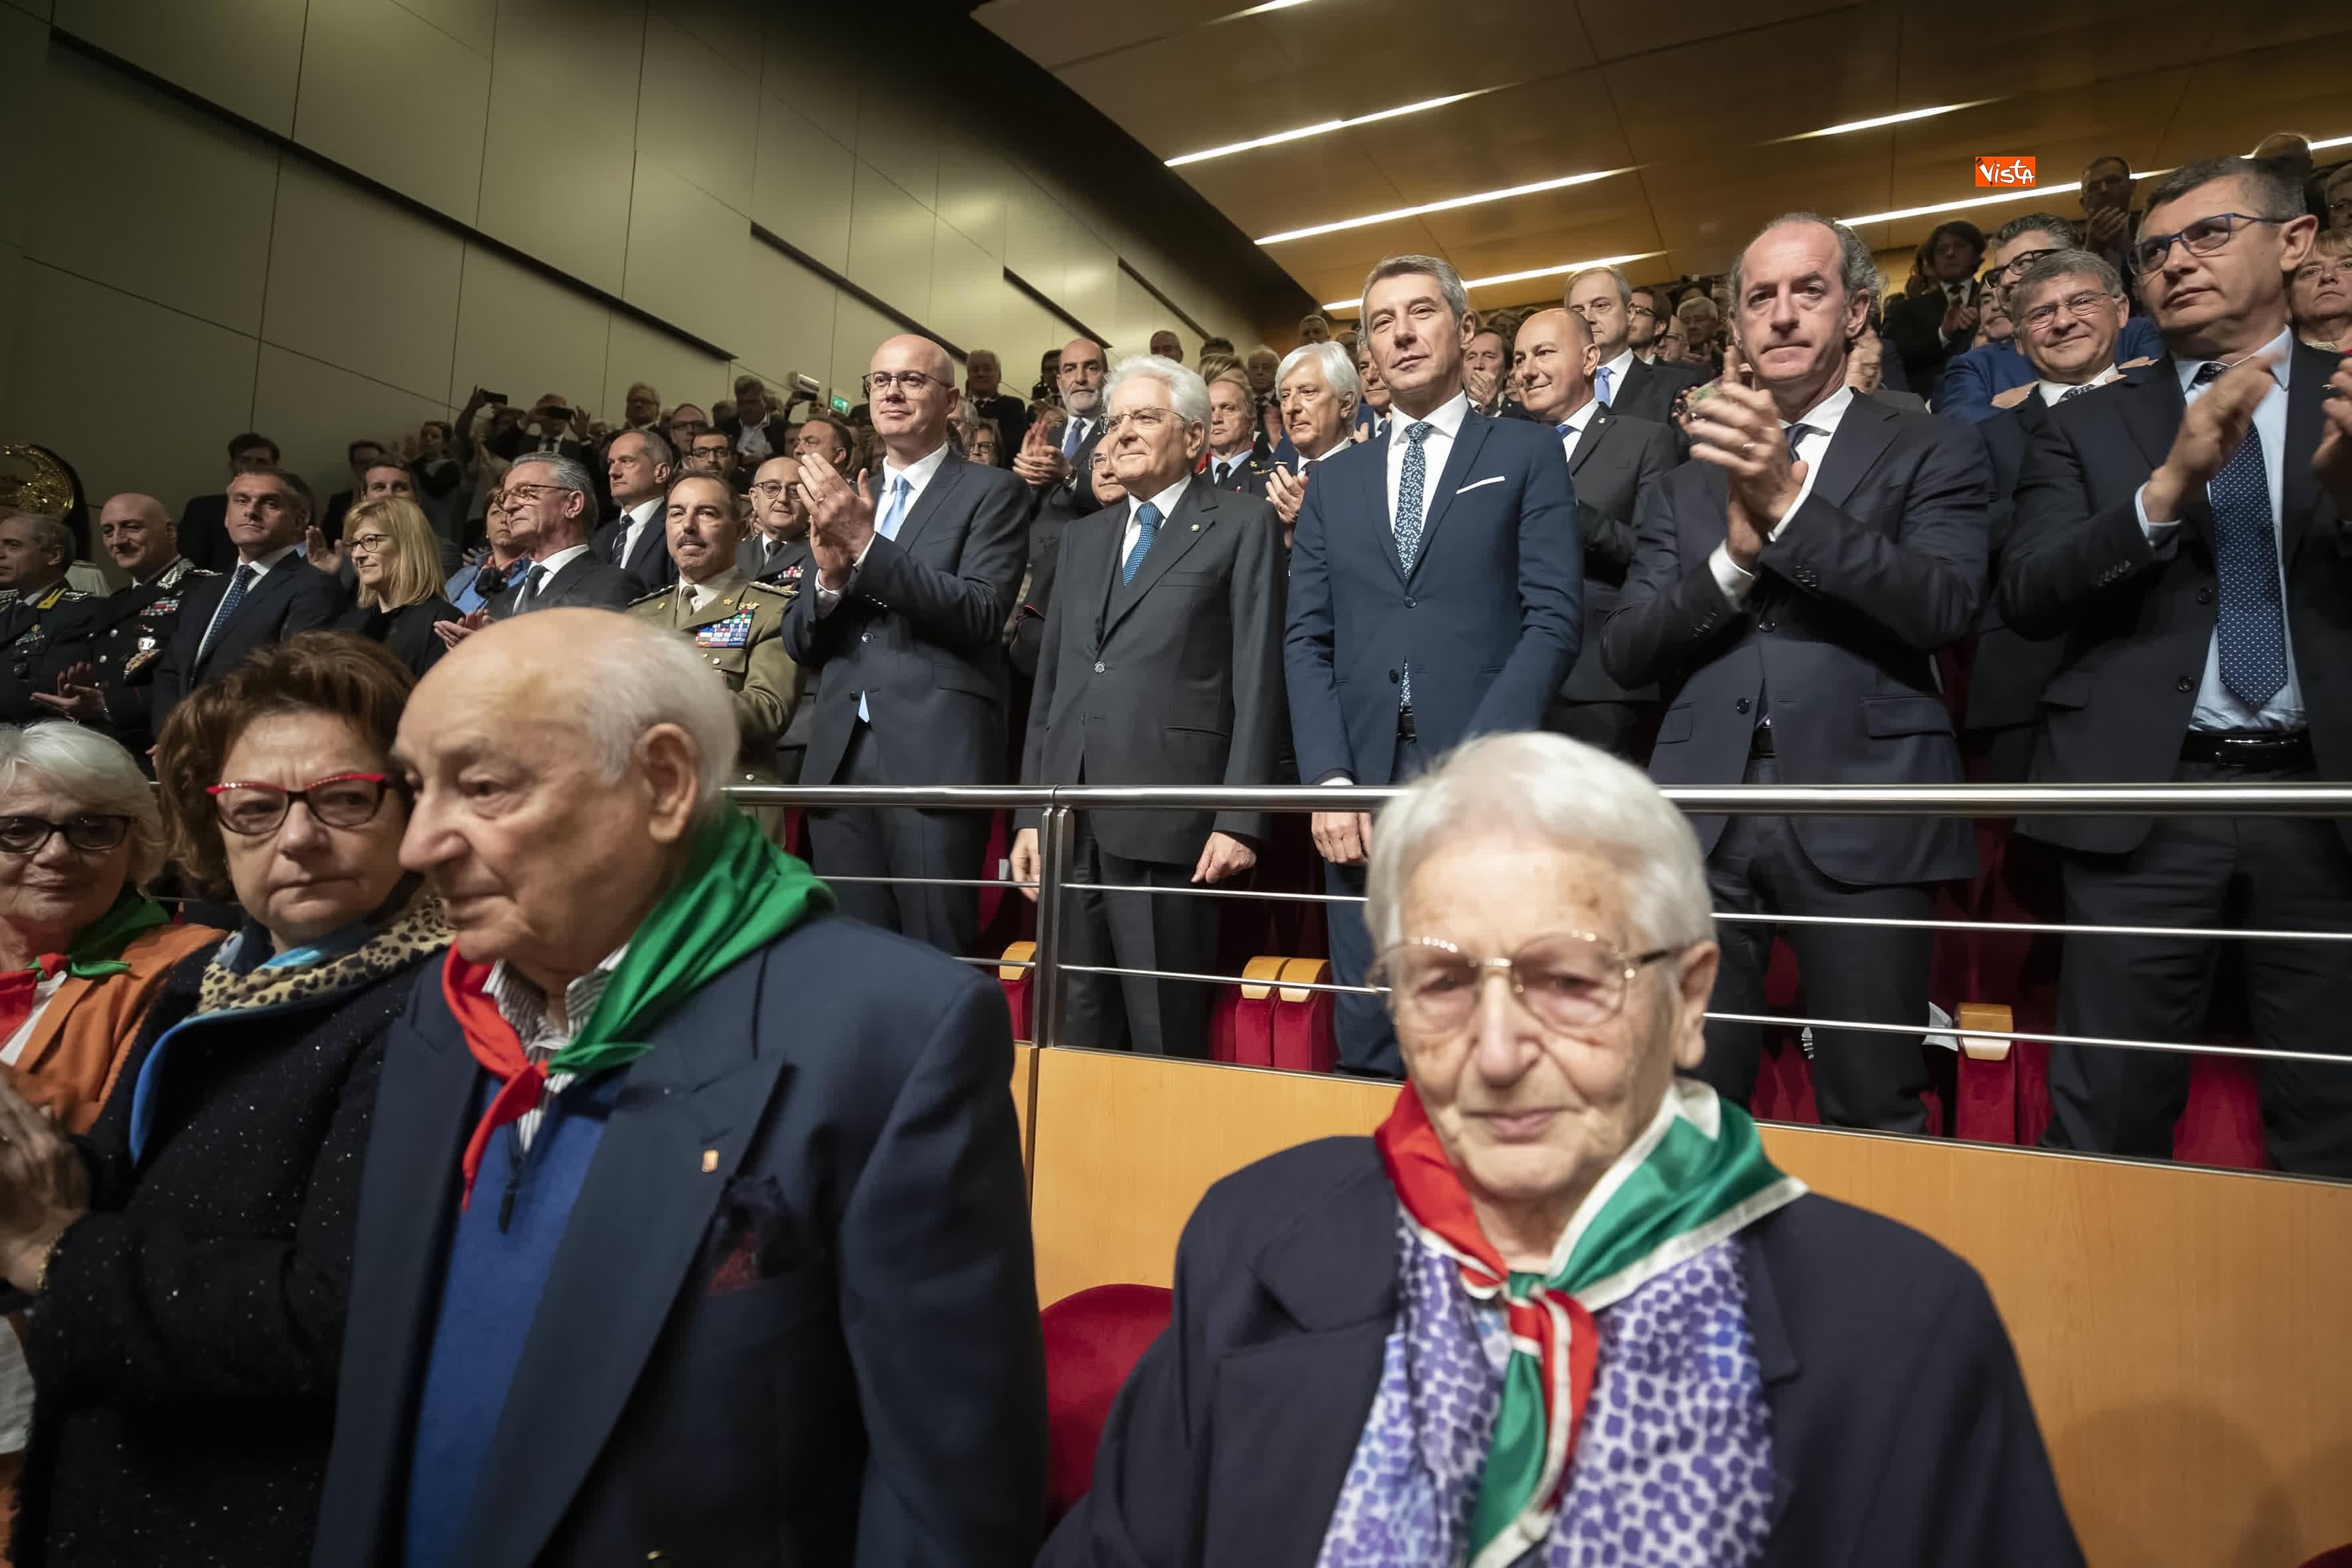 25-04-19 25 Aprile, Mattarella alla Cerimonia in occasione del 74 Anniversario della Liberazione a Vittorio Veneto_04